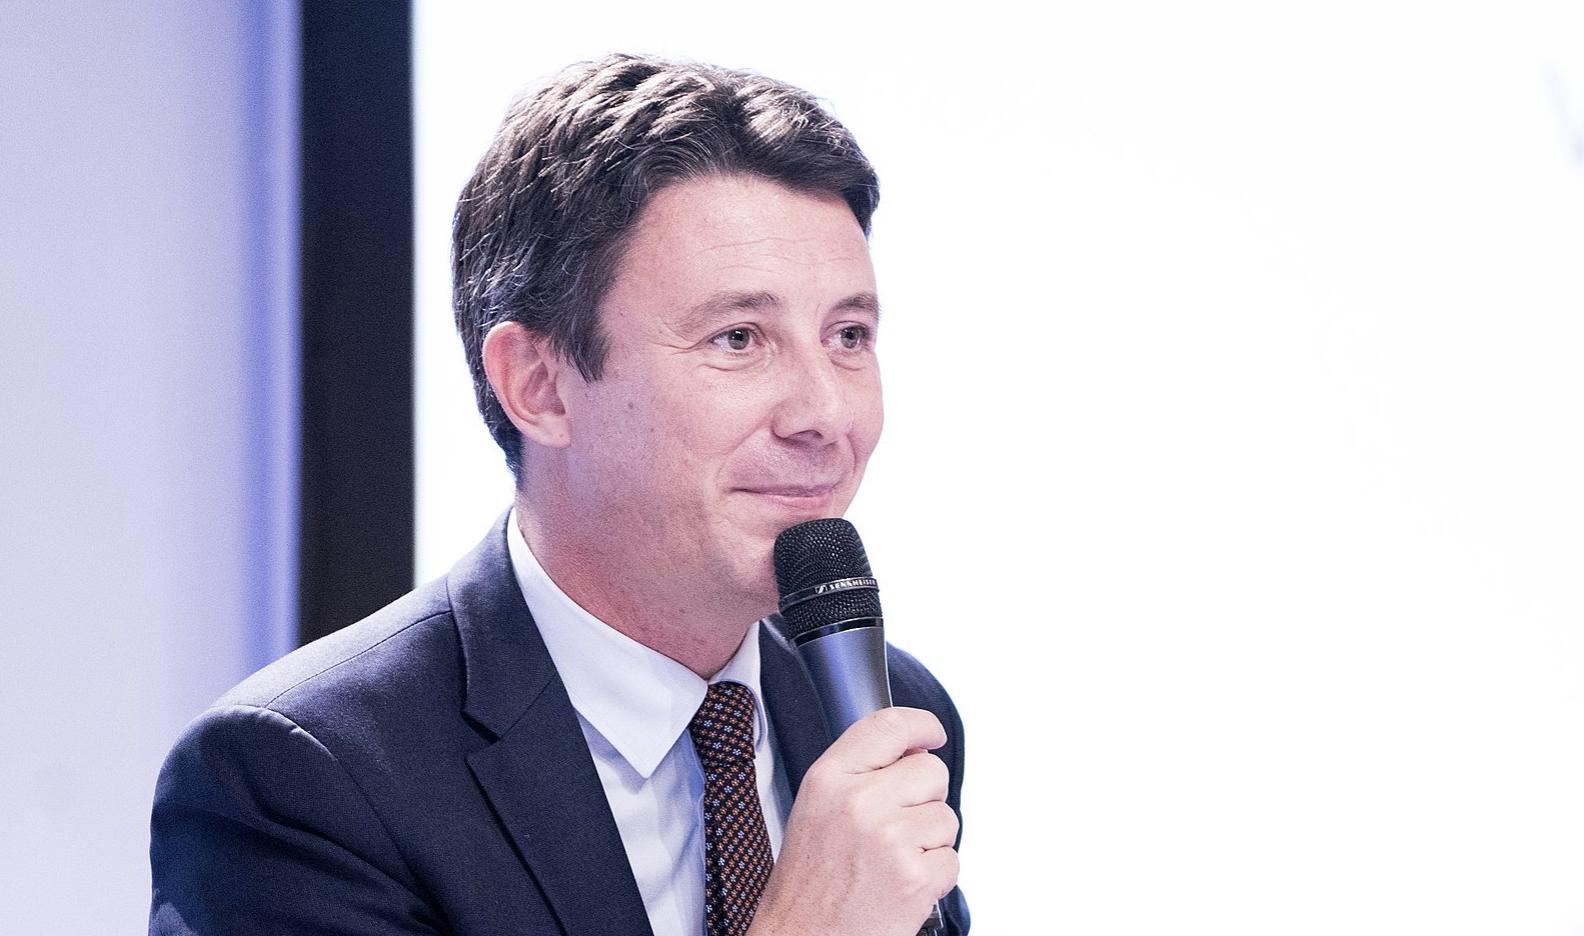 Municipales : Agnès Buzyn remplace Benjamin Griveaux comme tête de liste à Paris